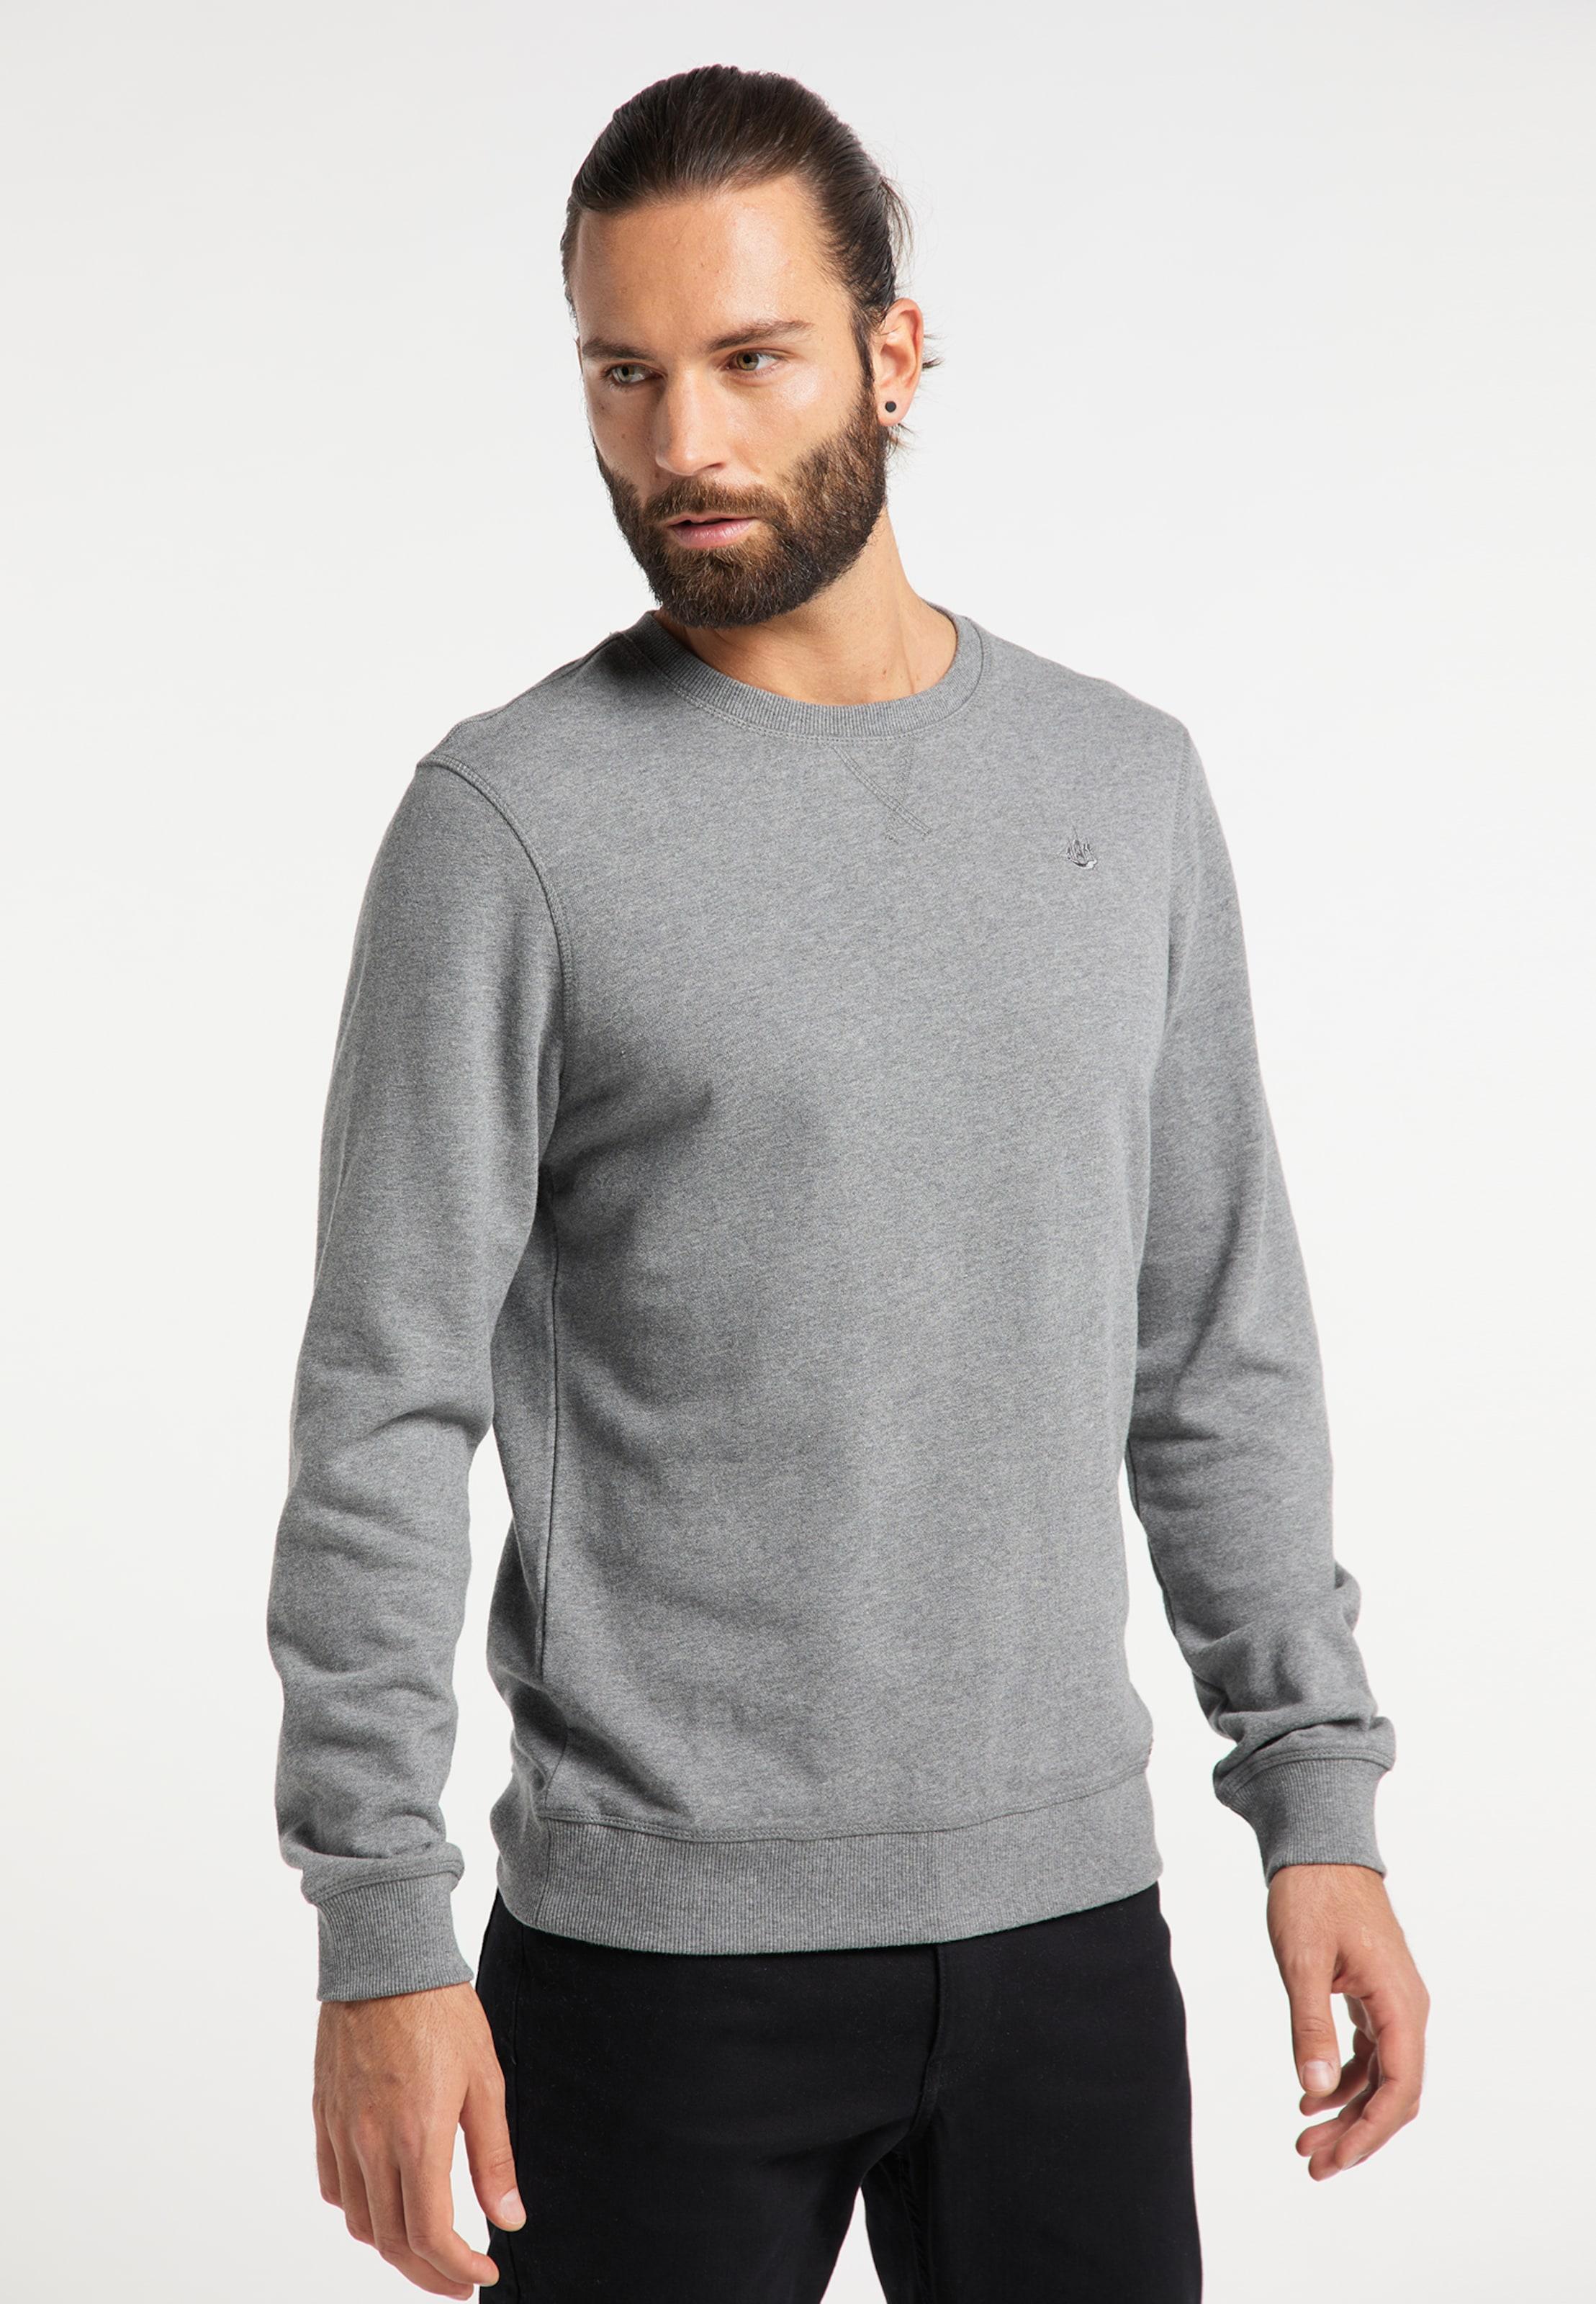 DREIMASTER Sweatshirt in grau Rundhals-Ausschnitt 4251686652885